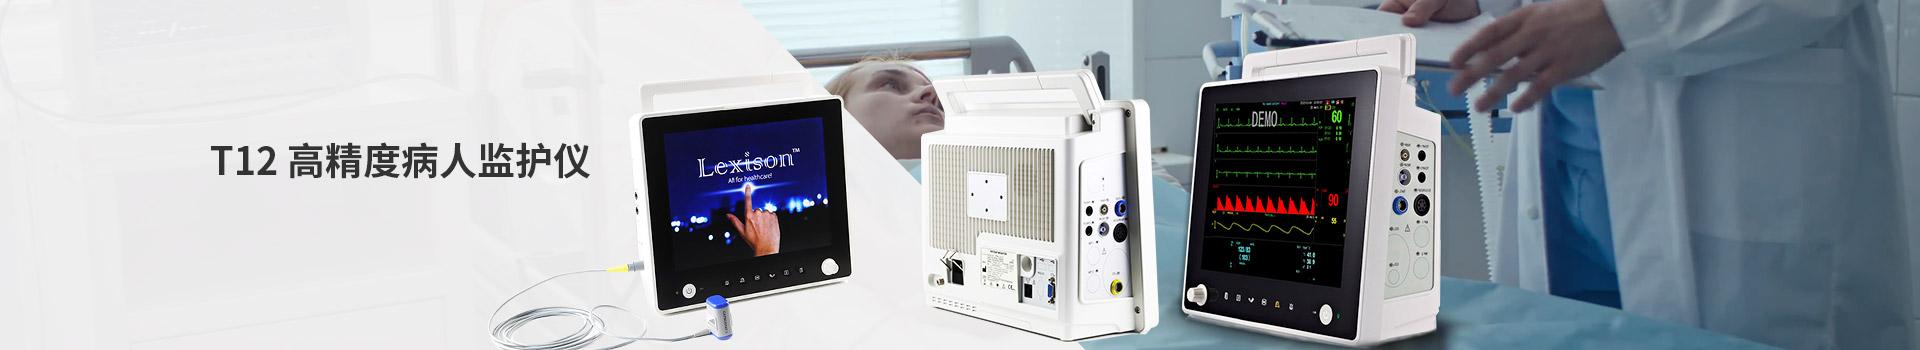 T12 高精度病人监护仪